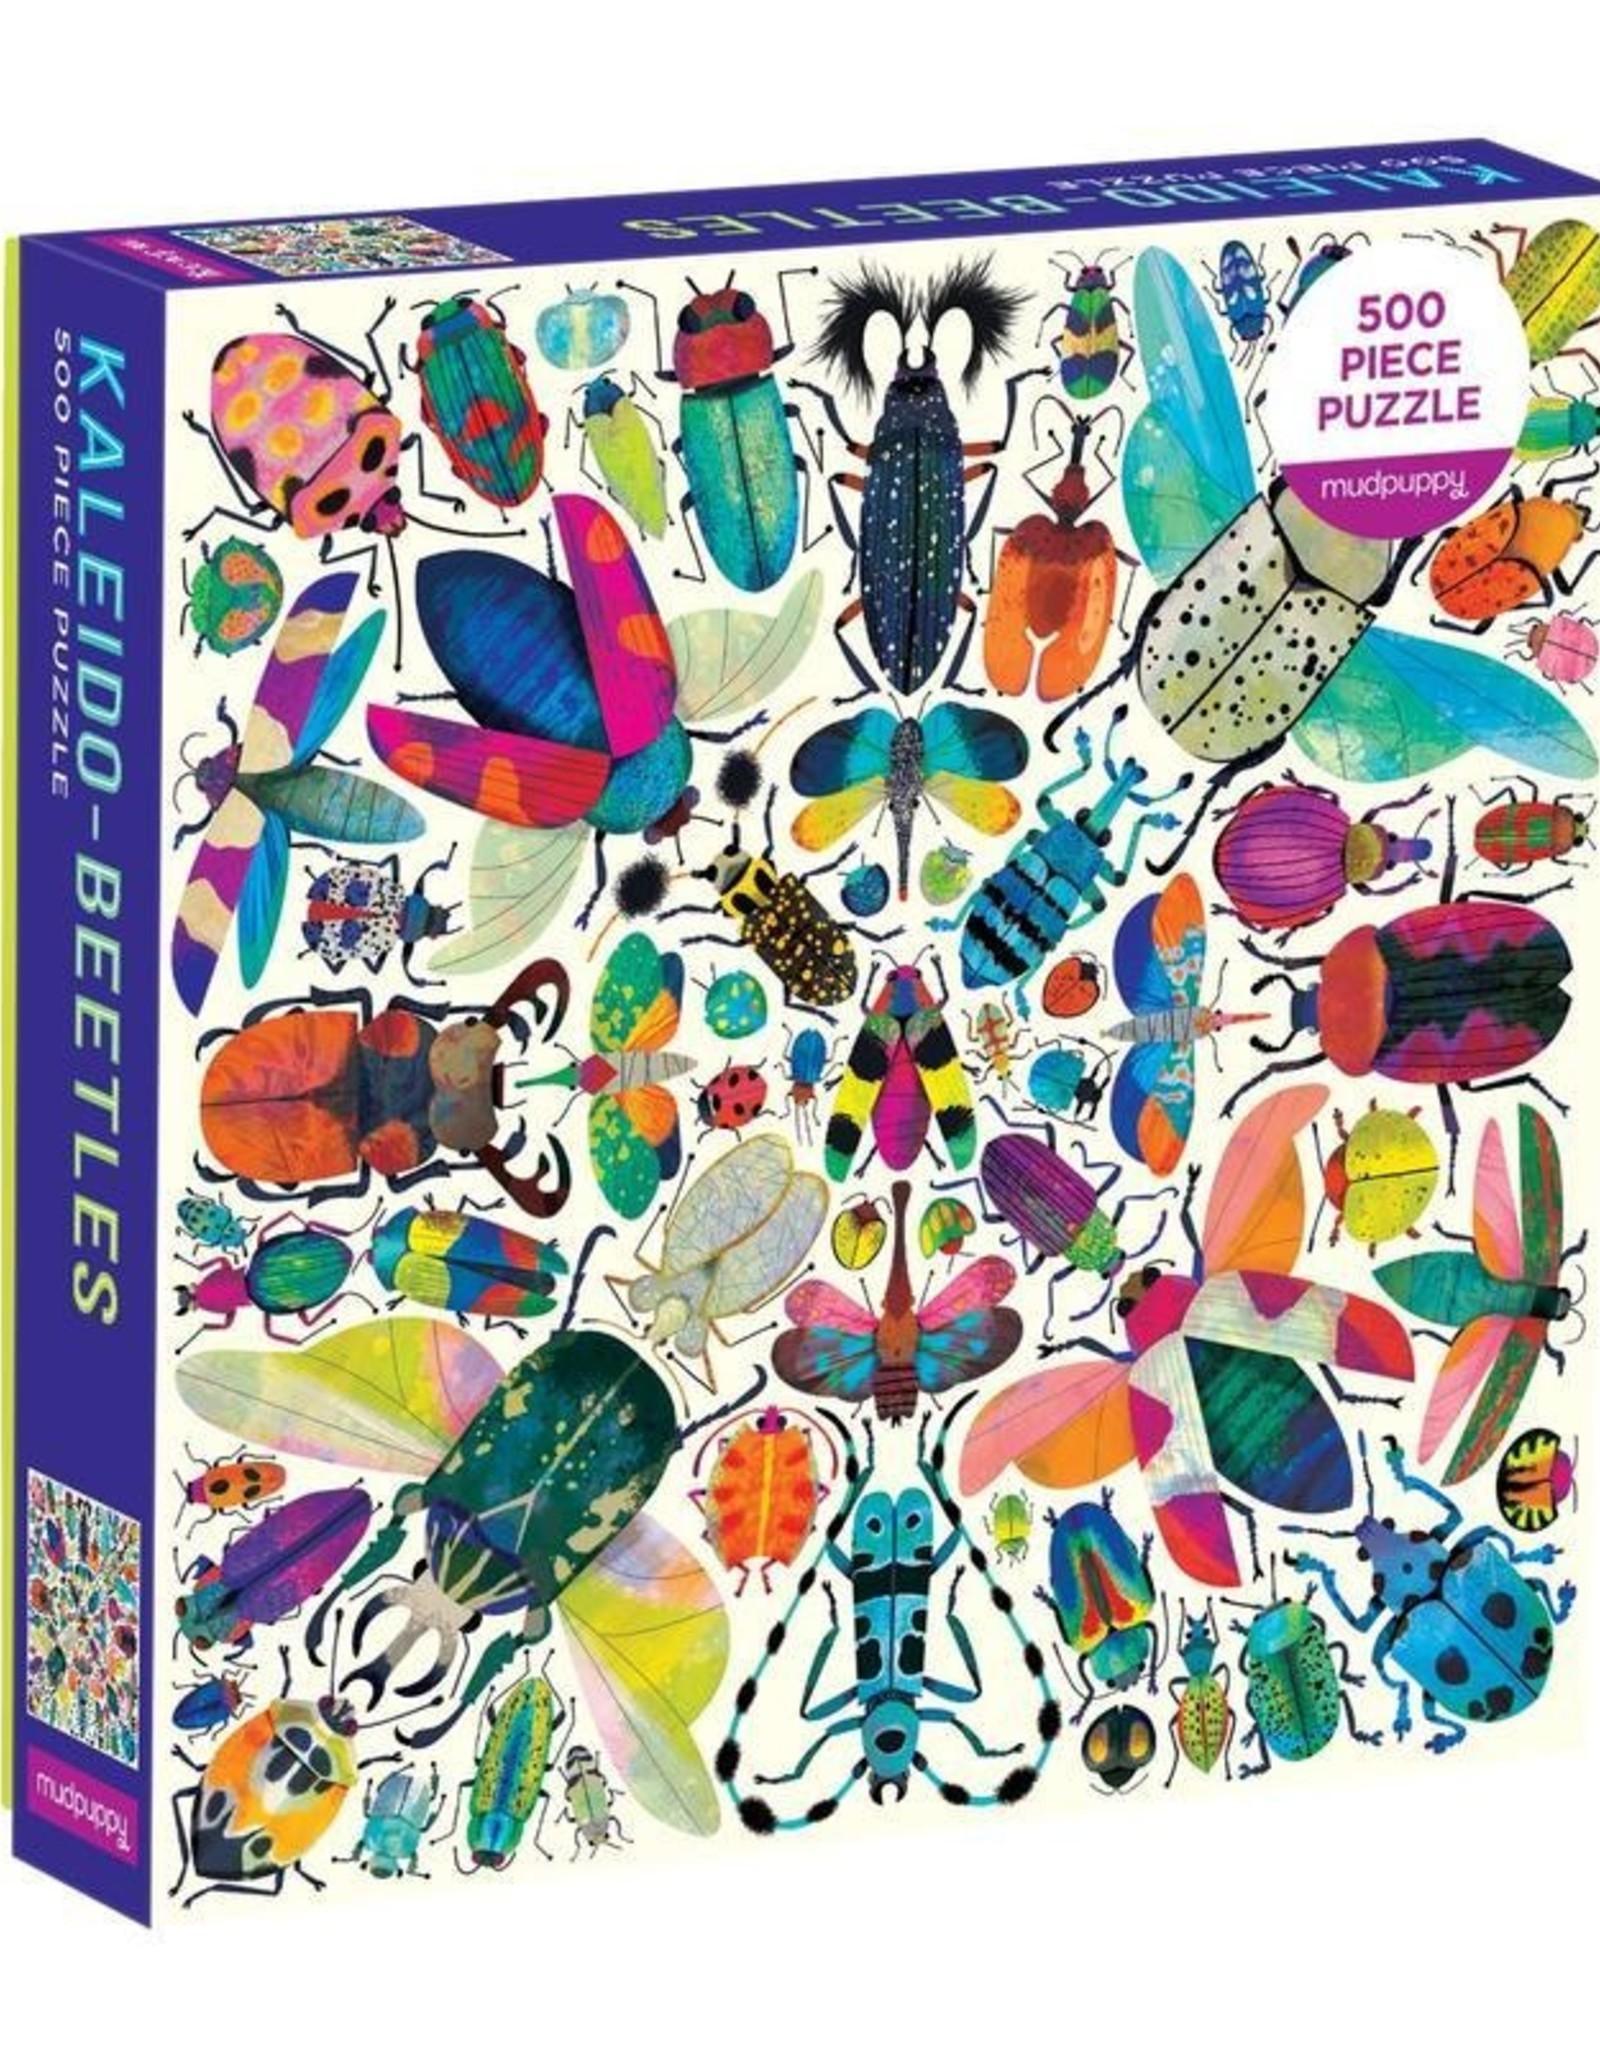 Mudpuppy Kaleido-Beetles Puzzle